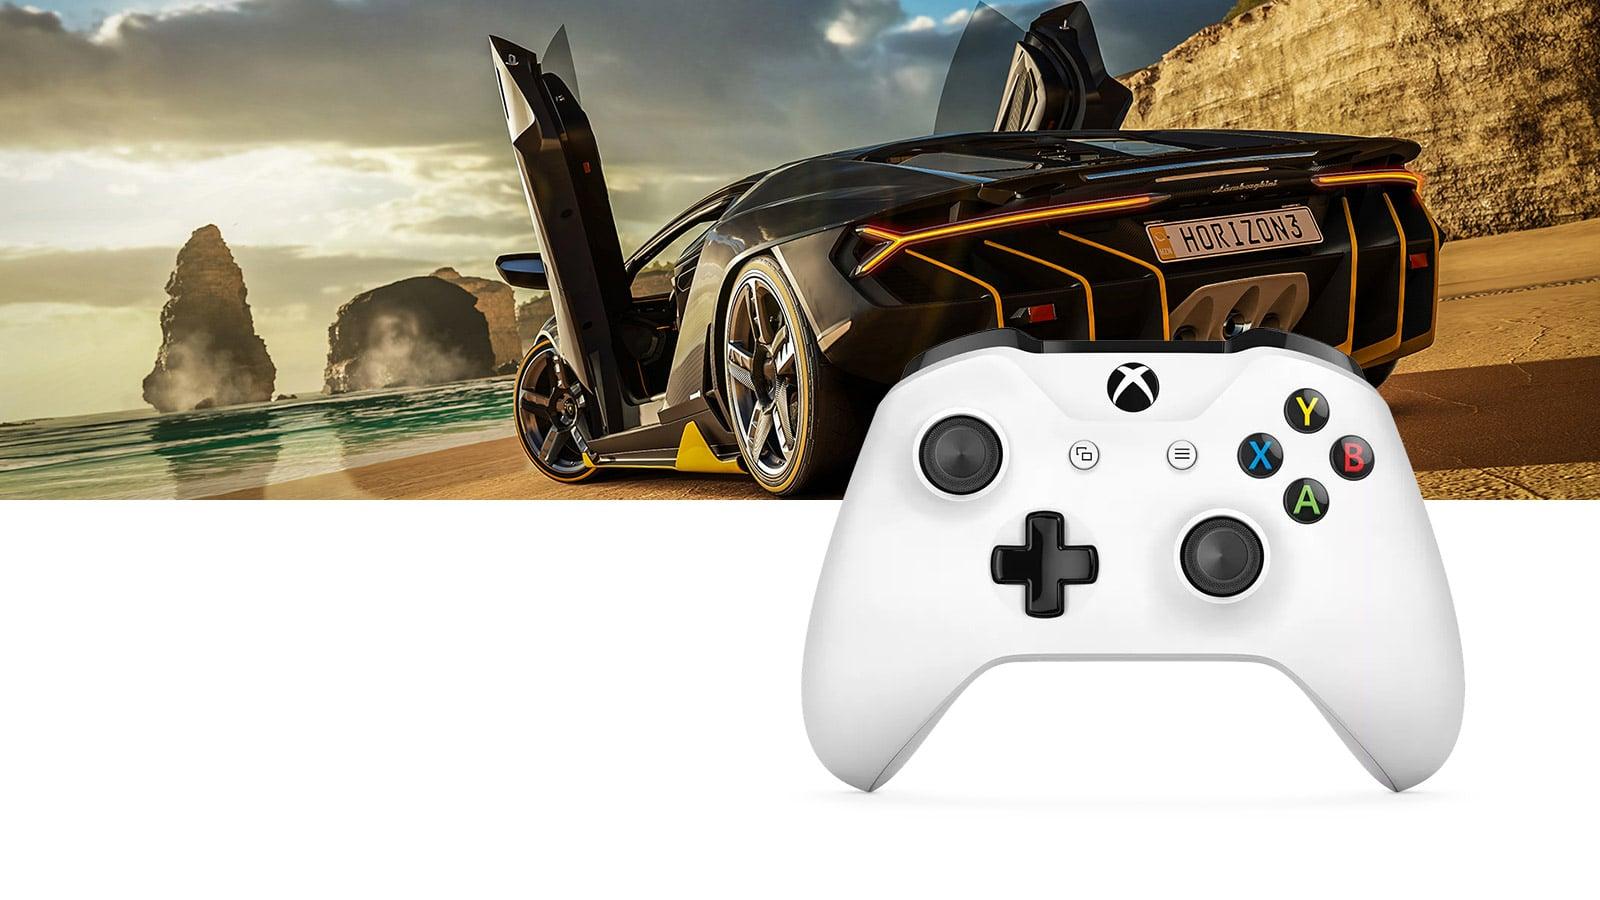 Xbox'ta Forza ve beyaz oyun kumandası